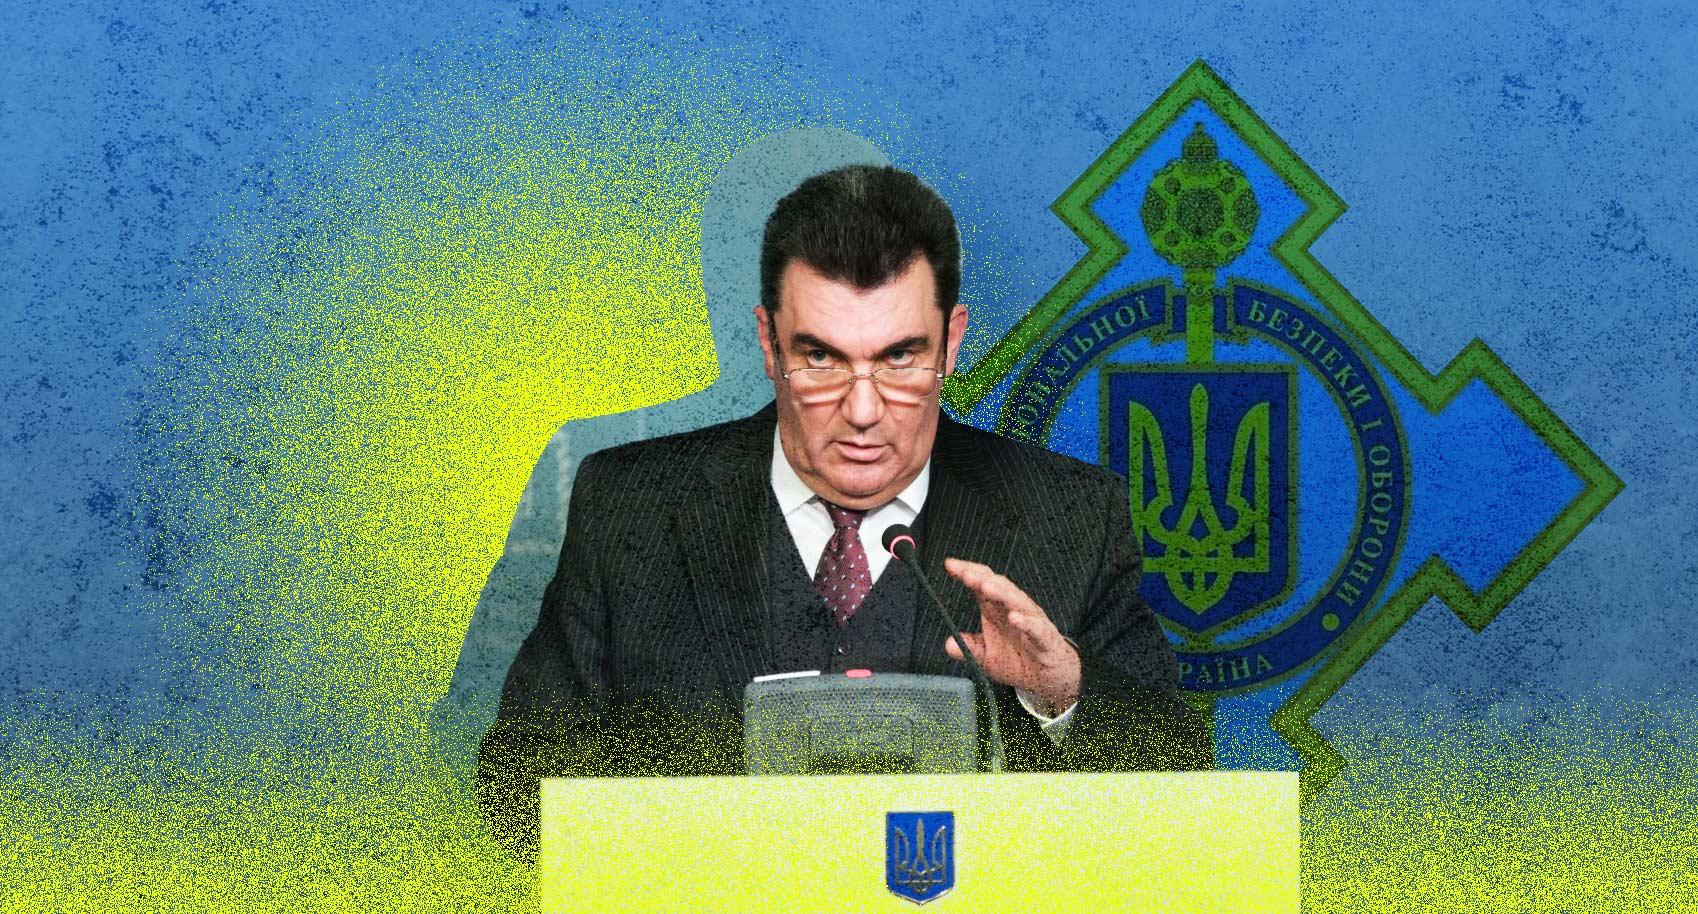 В Україні створили Центр протидії дезінформації. Навіщо він потрібен та як працюватиме?